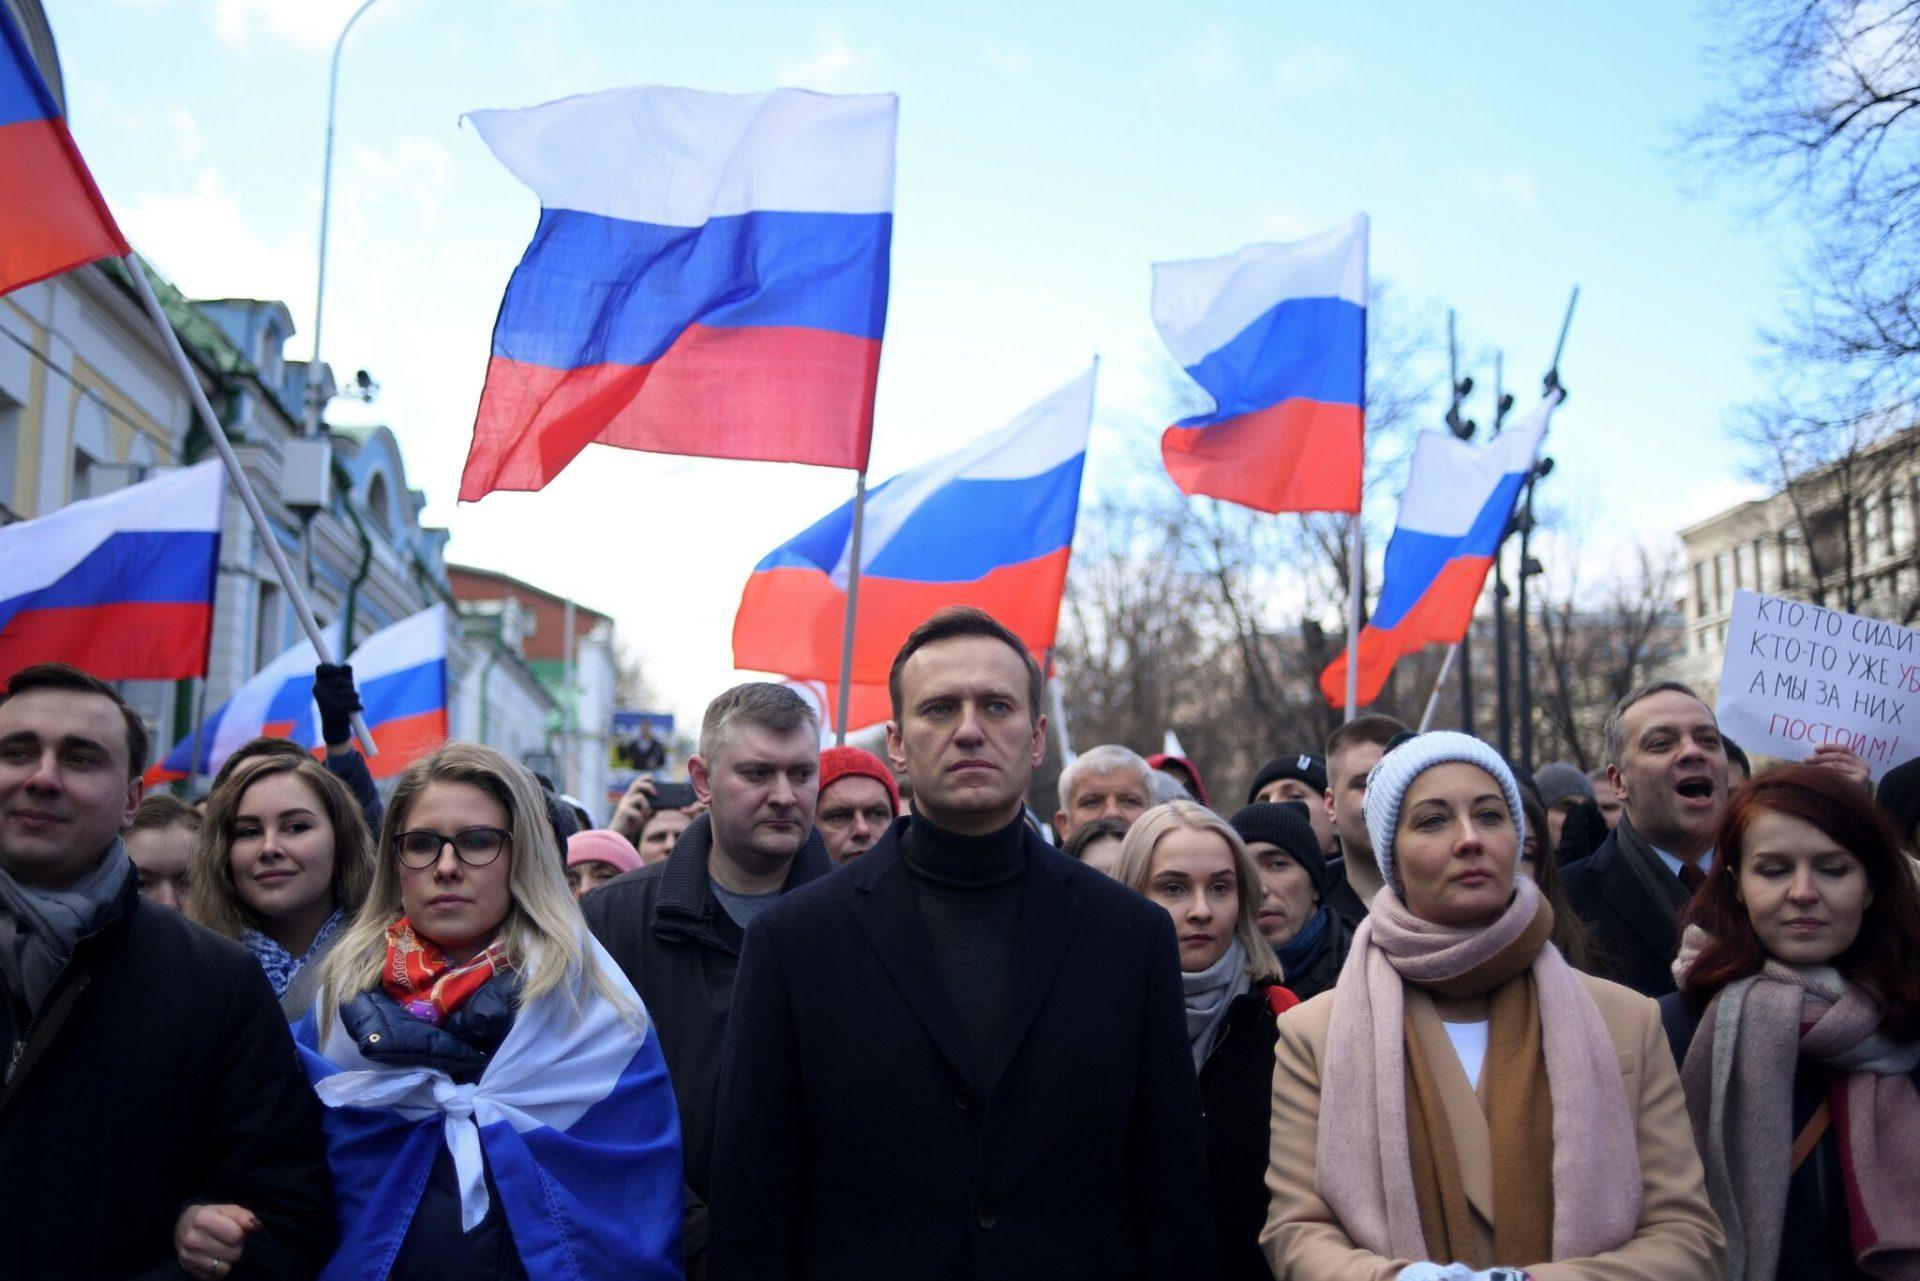 Susținătorii lui Aleksei Navalnîi, hărțuiți de poliția rusă după ce datele lor personale au fost făcute publice